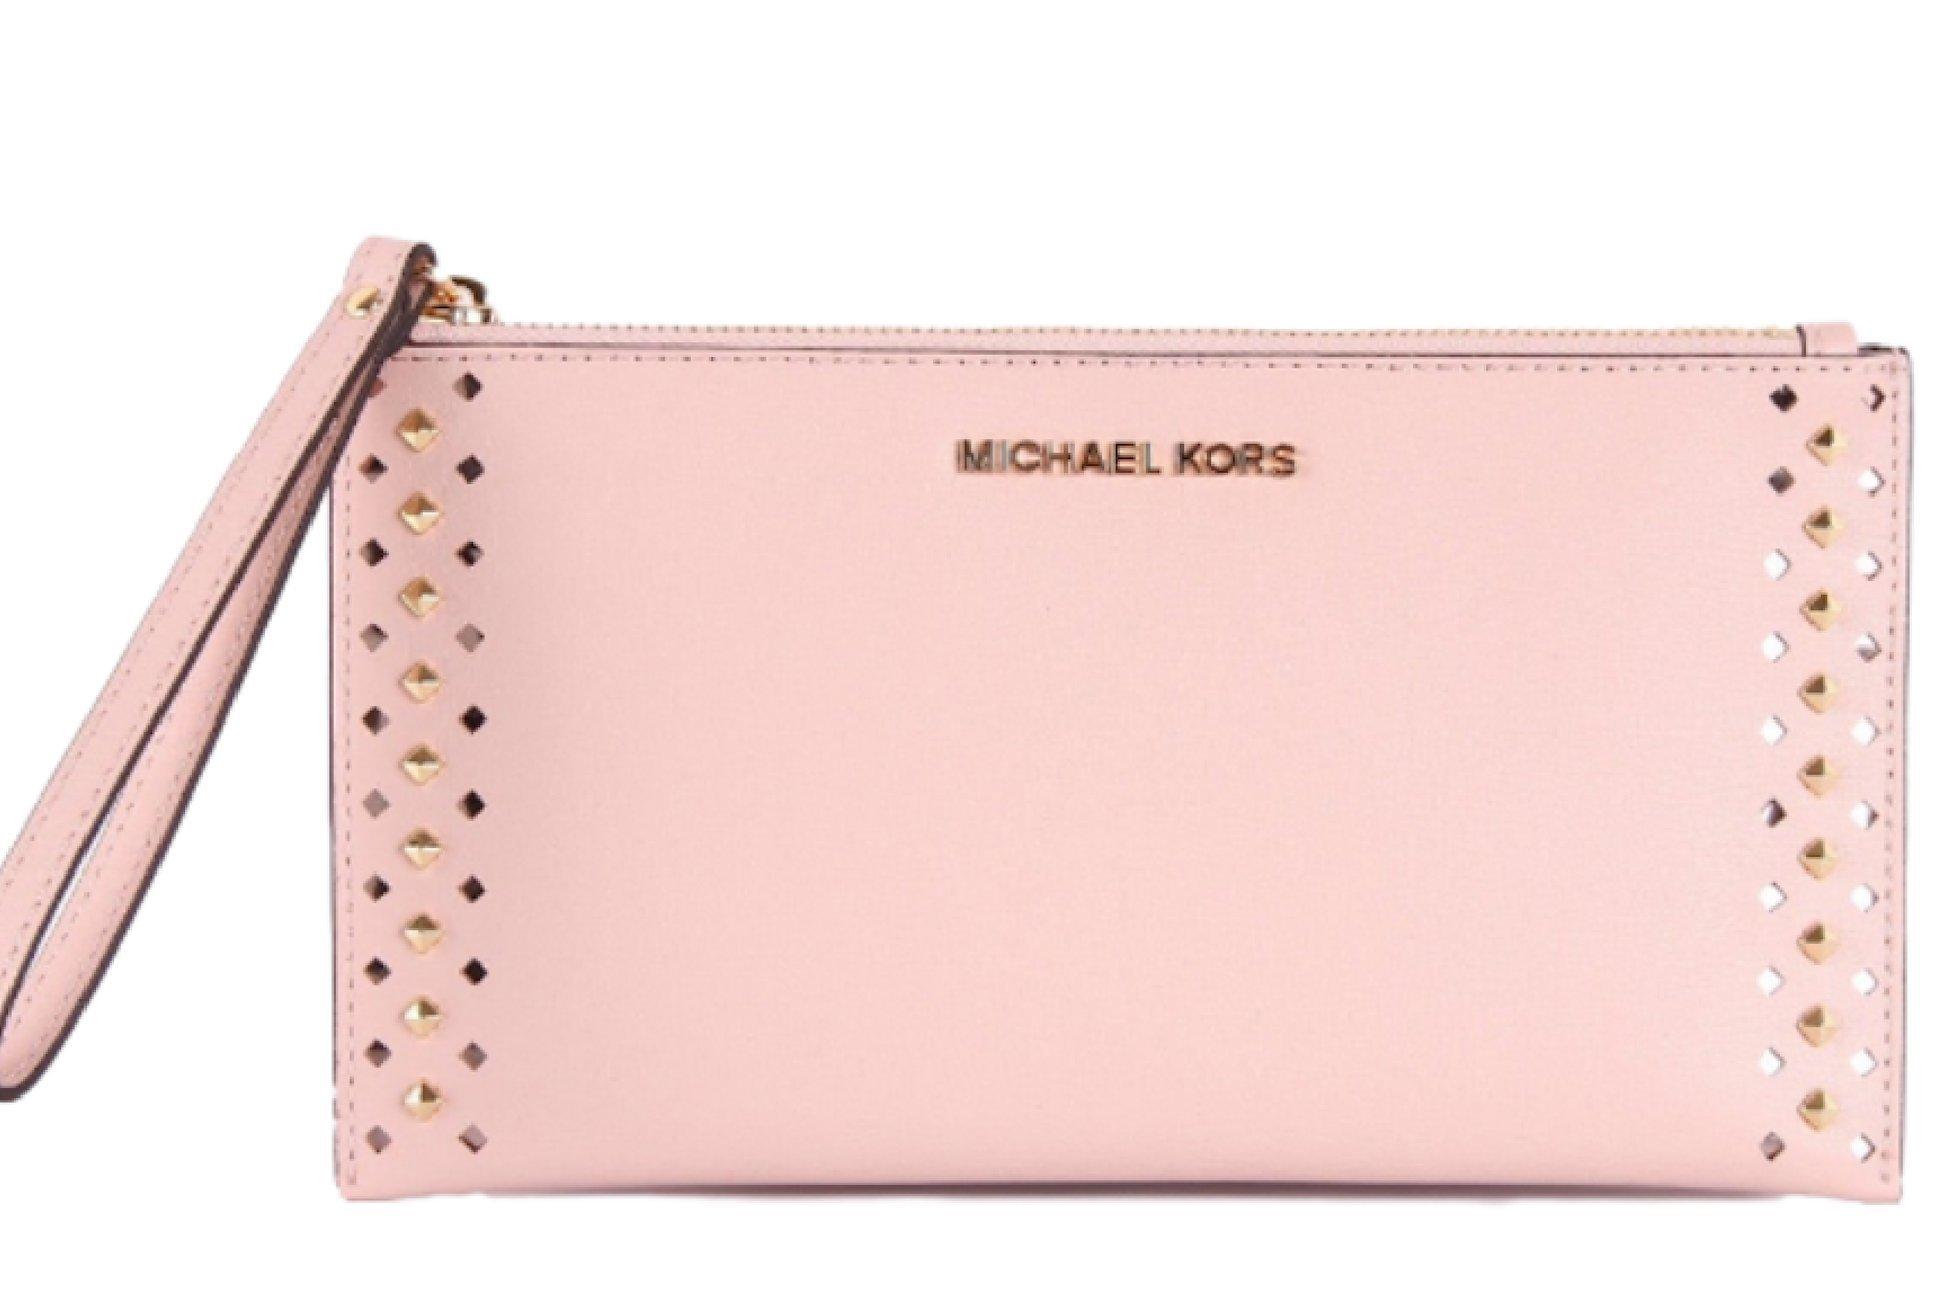 Michael Kors Studded Jet Set Travel Leather Clutch Wristlet Bag , Ballet